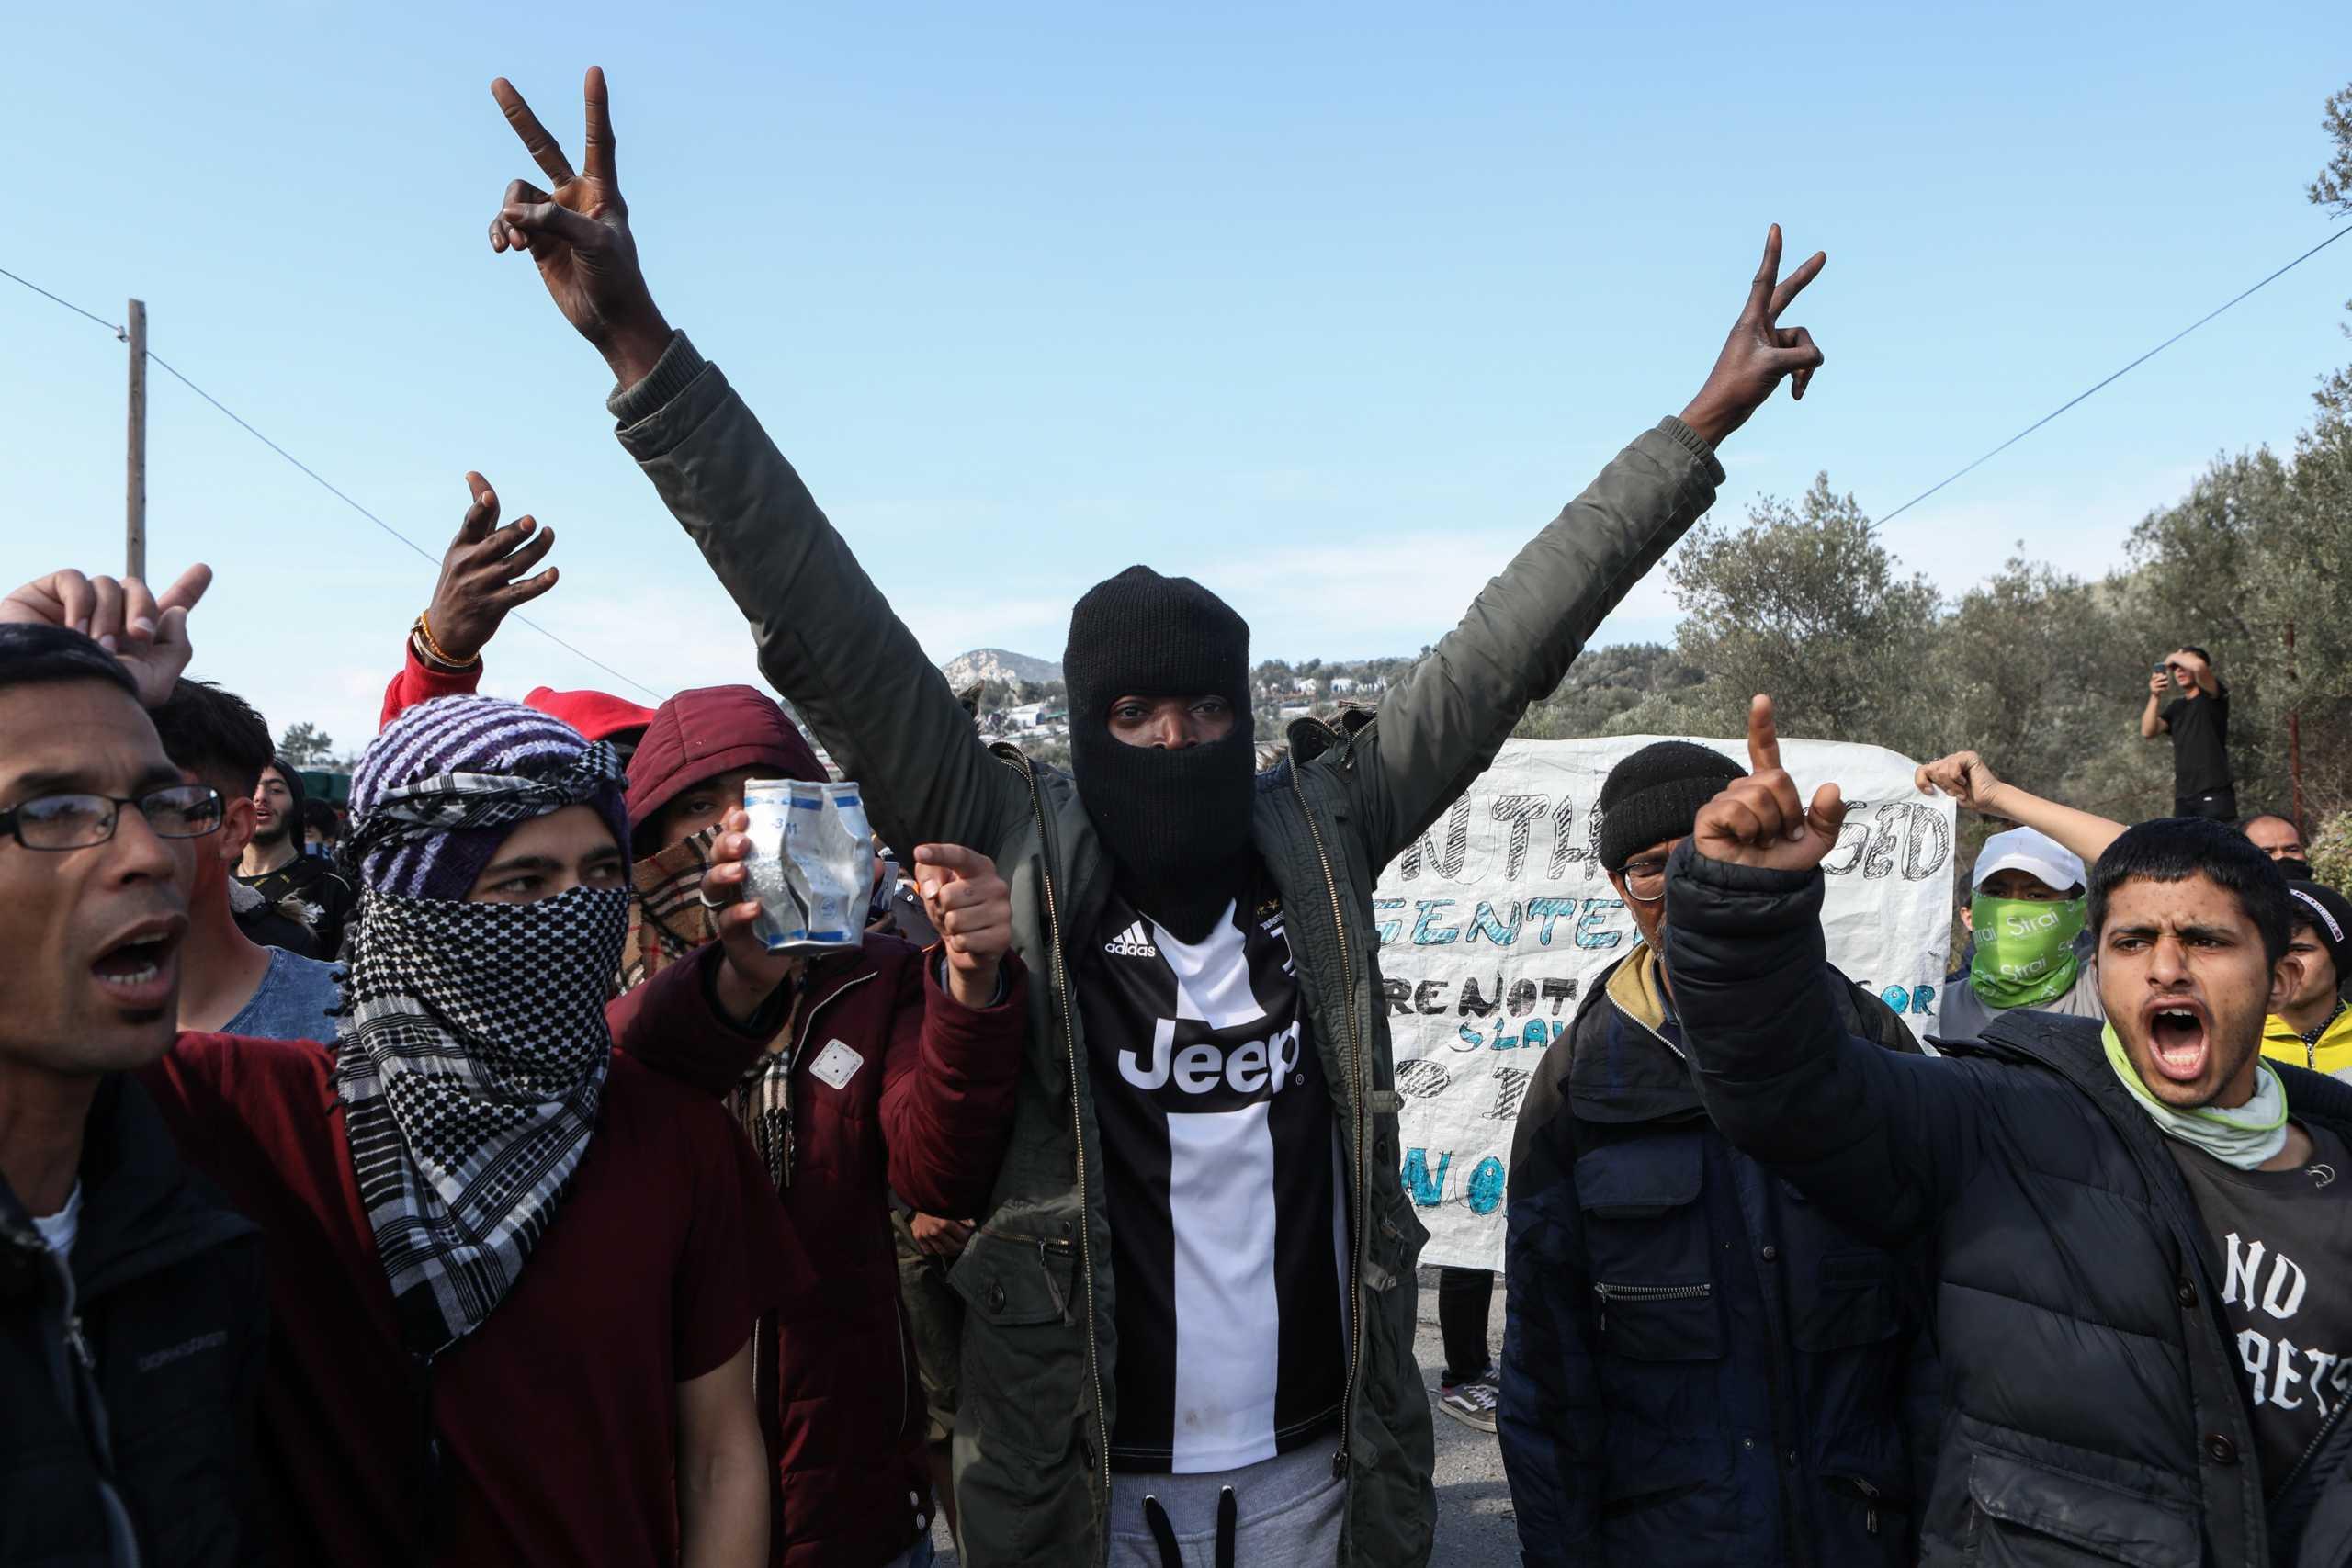 Μυτιλήνη: Φεύγουν μαζικά εργαζόμενοι Μη Κυβερνητικών Οργανώσεων μετά τα τελευταία γεγονότα…